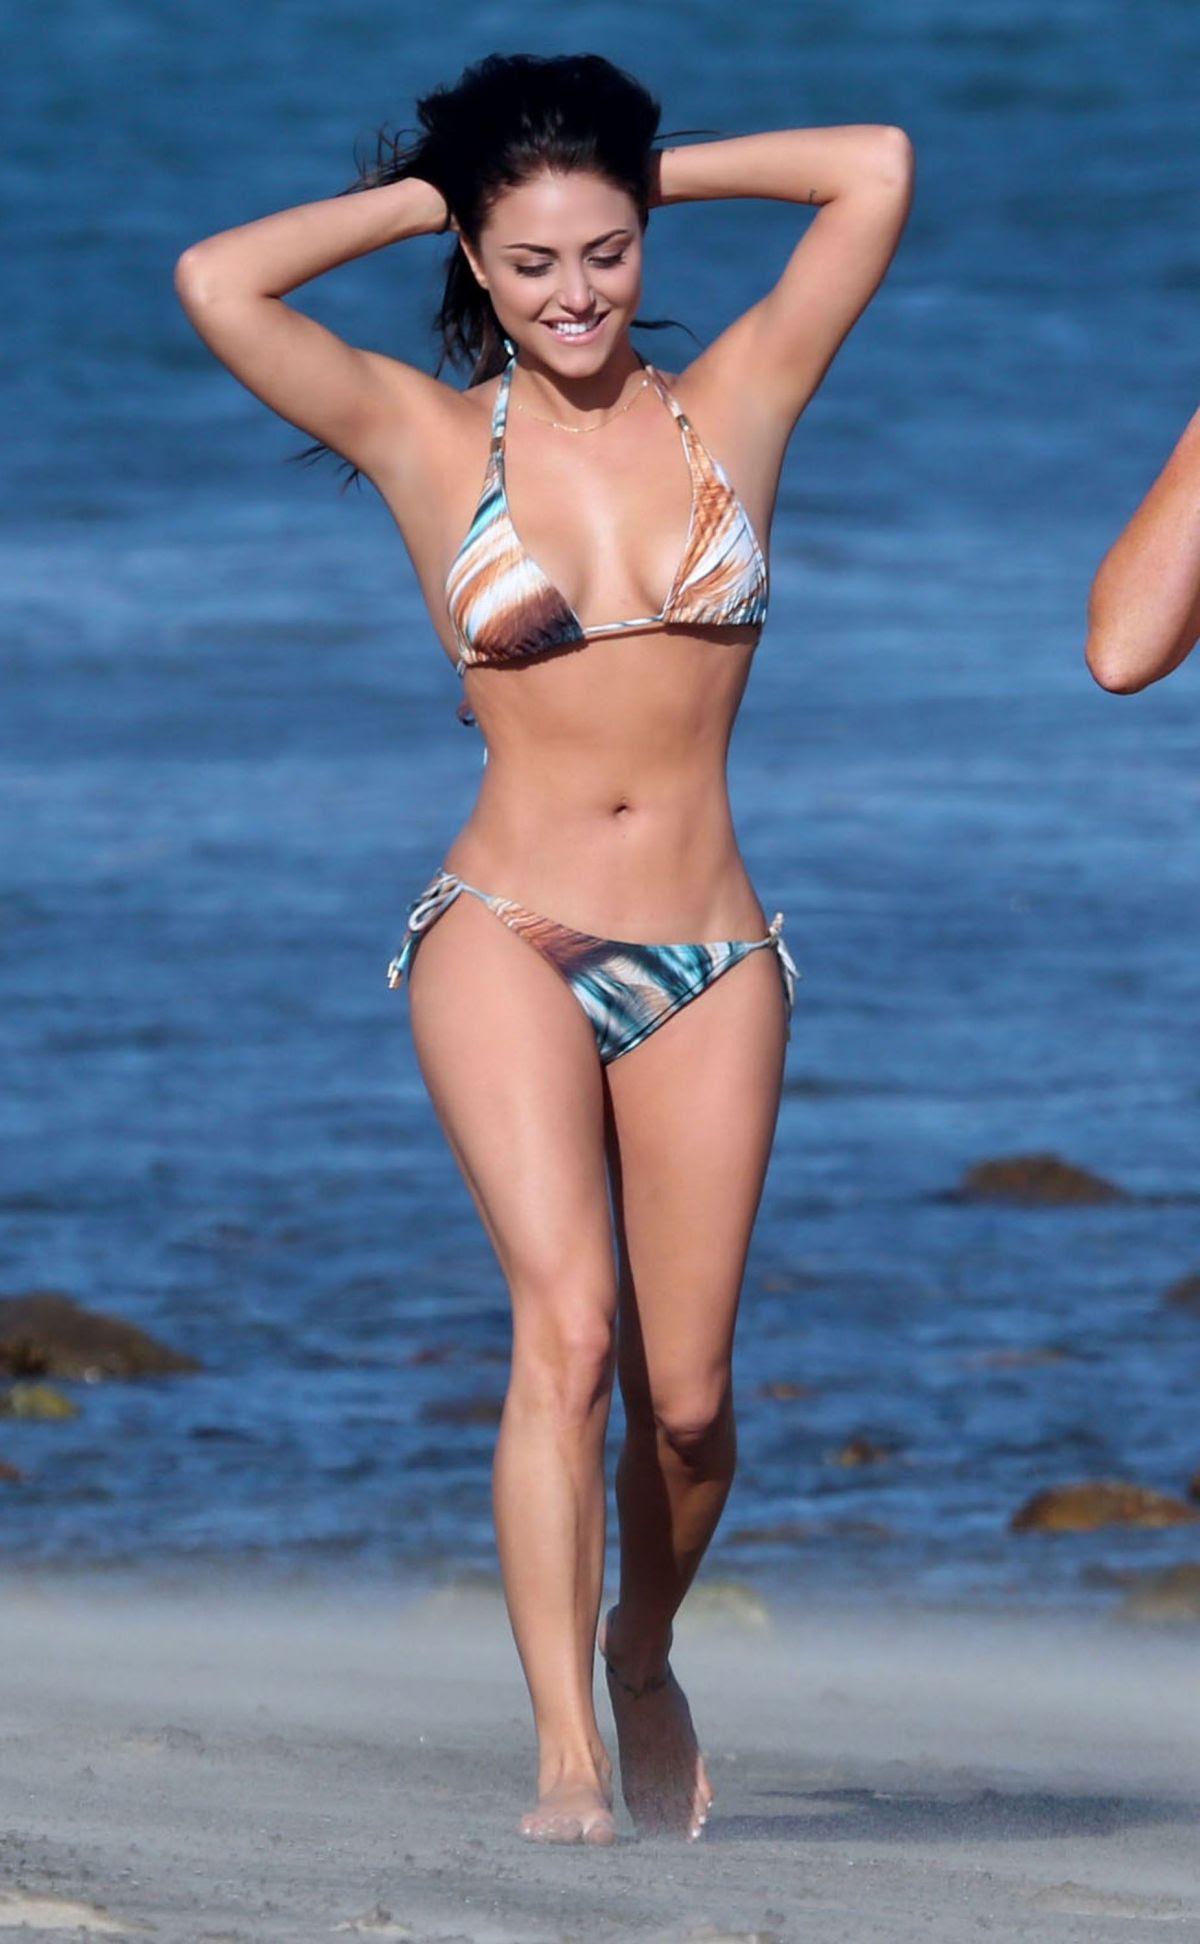 CASSIE SCERBO in Bikini on the Beach in Malibu